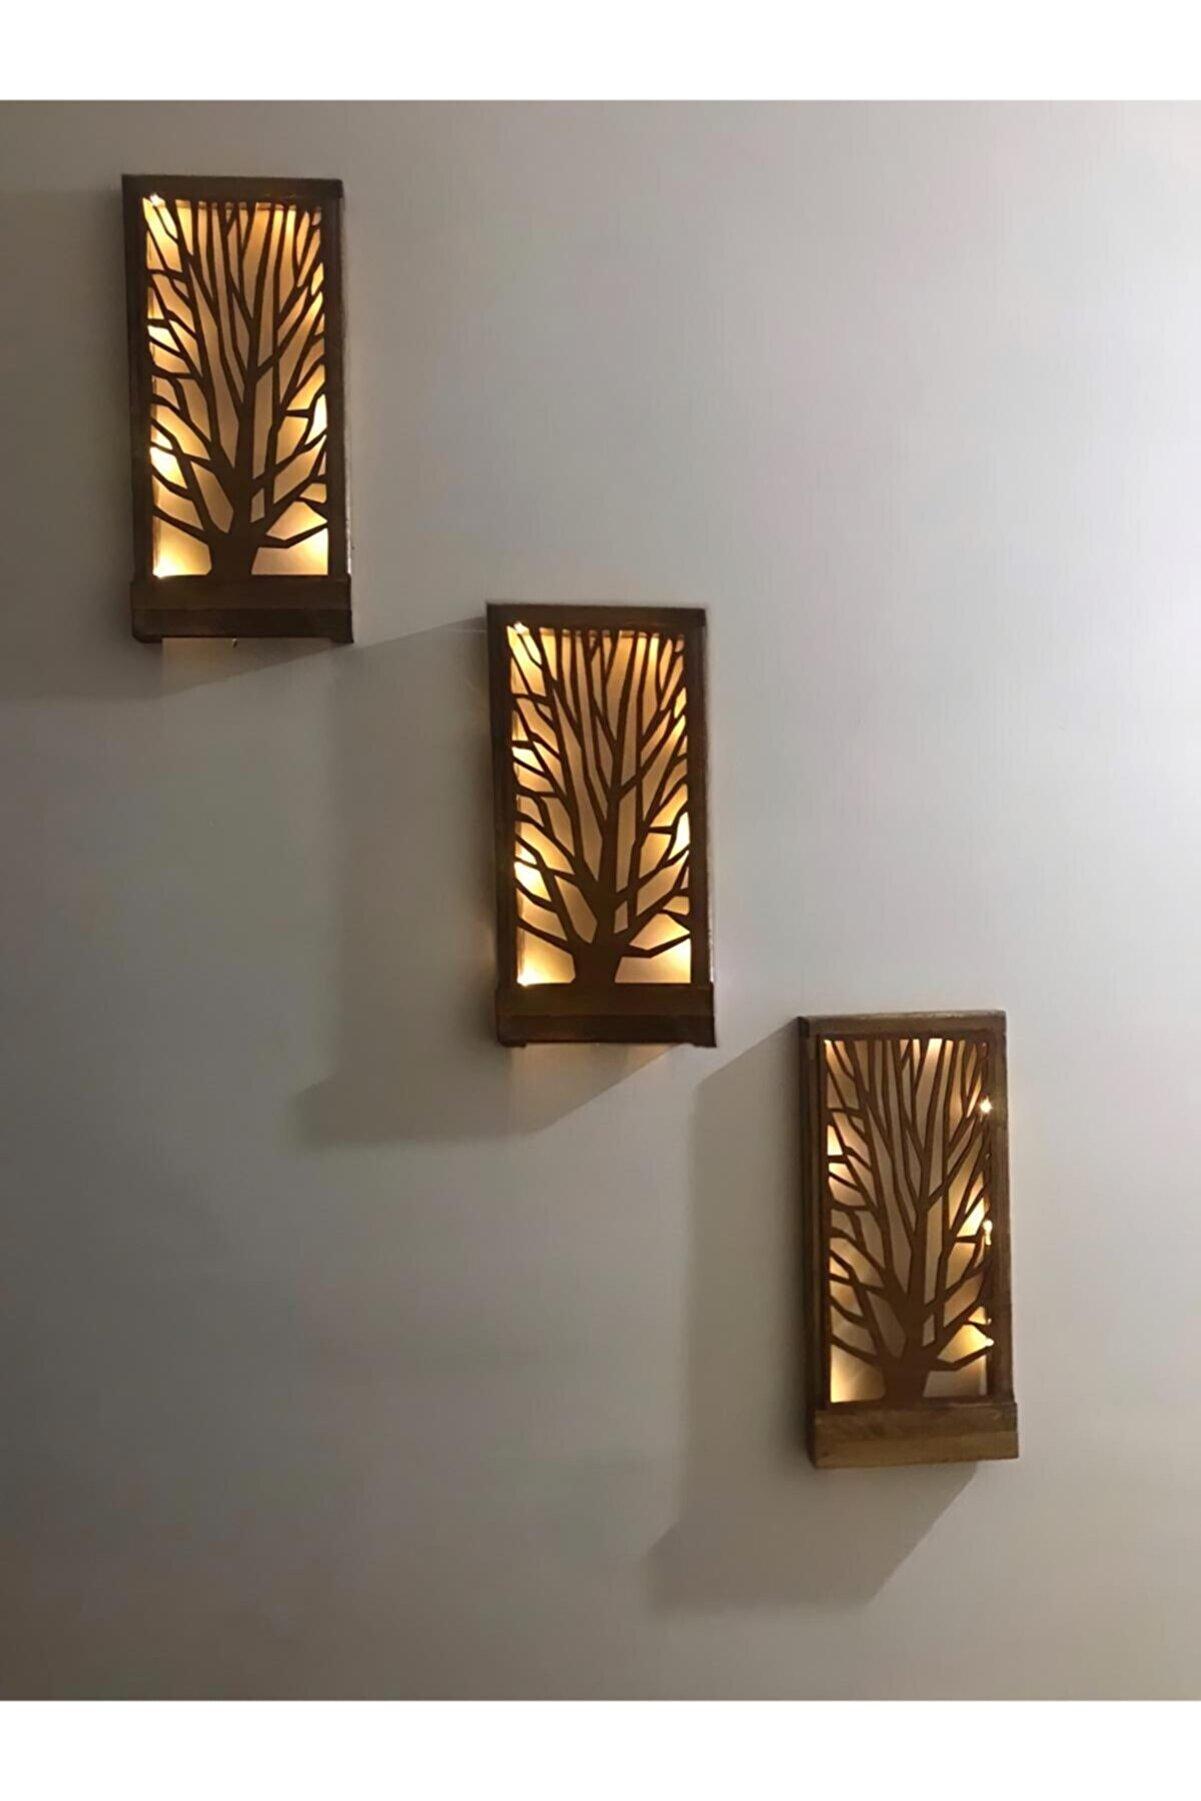 MSAĞWOODS 3 Lü Set Pilli Peri Ledli Ağaç Desenli Masifpanel Çerçeve Tablo Hol Duvar Süsü Ev Hediyesi 36x18